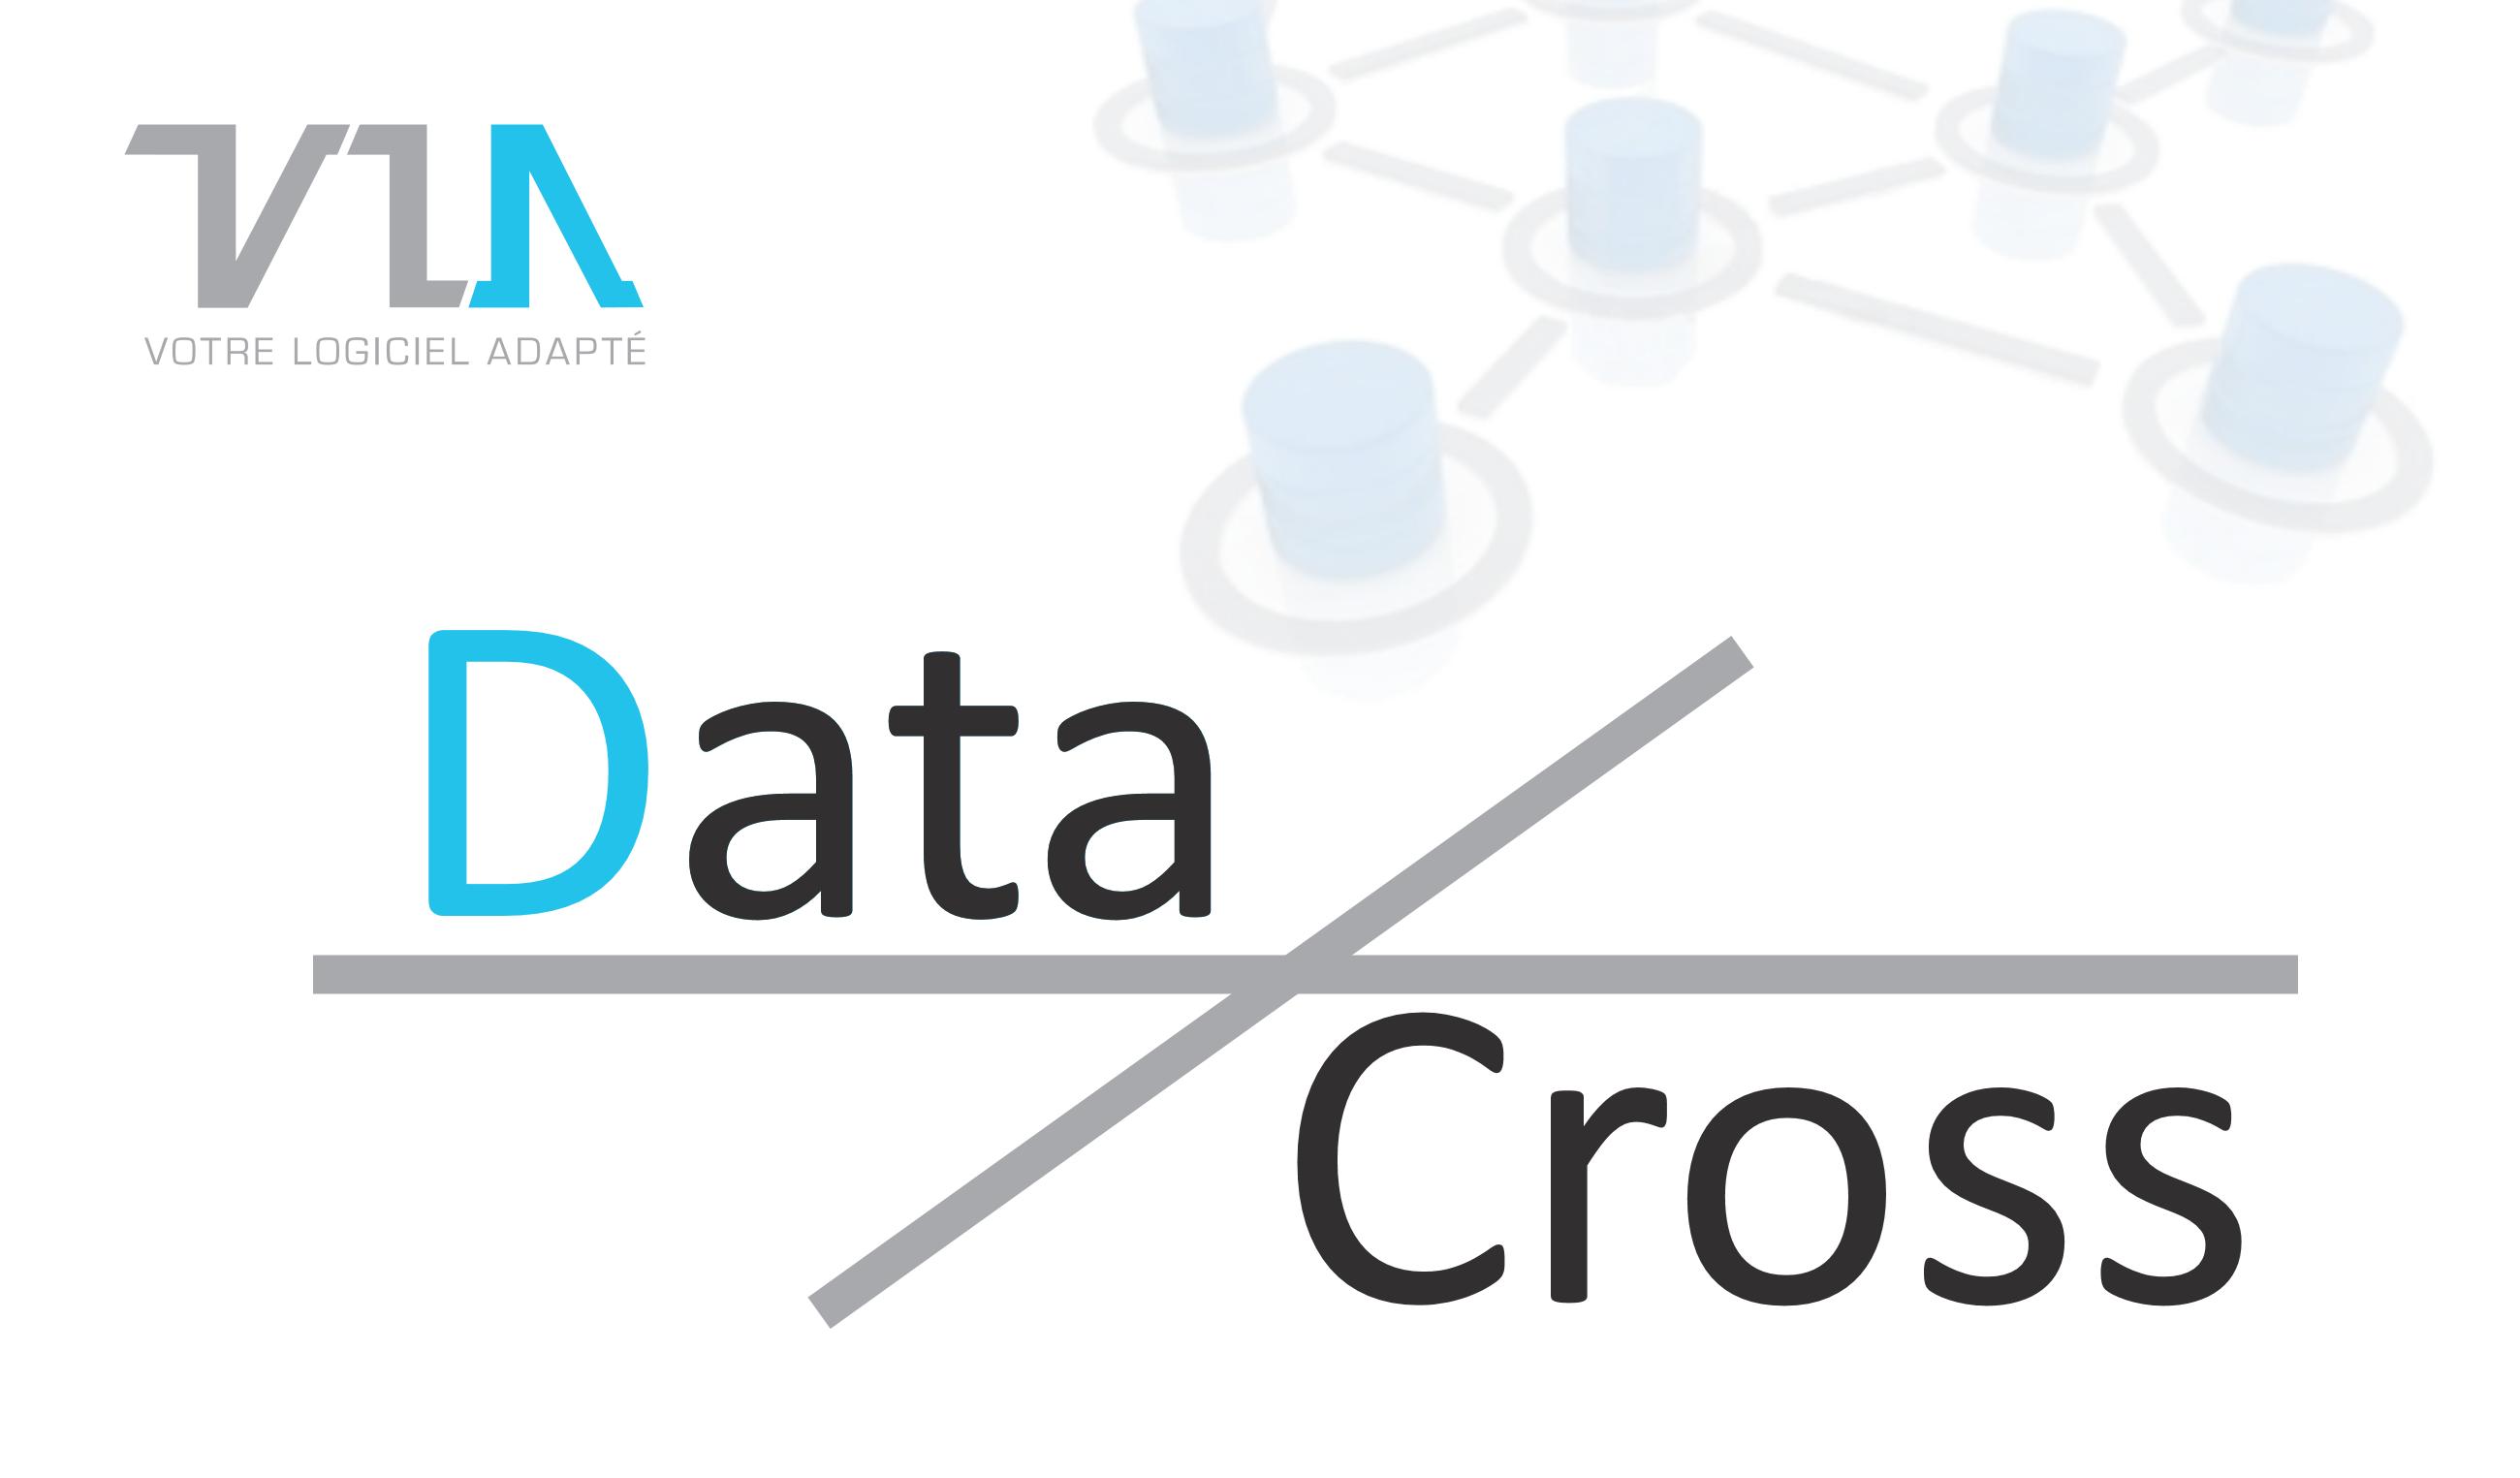 crp_datacross_1